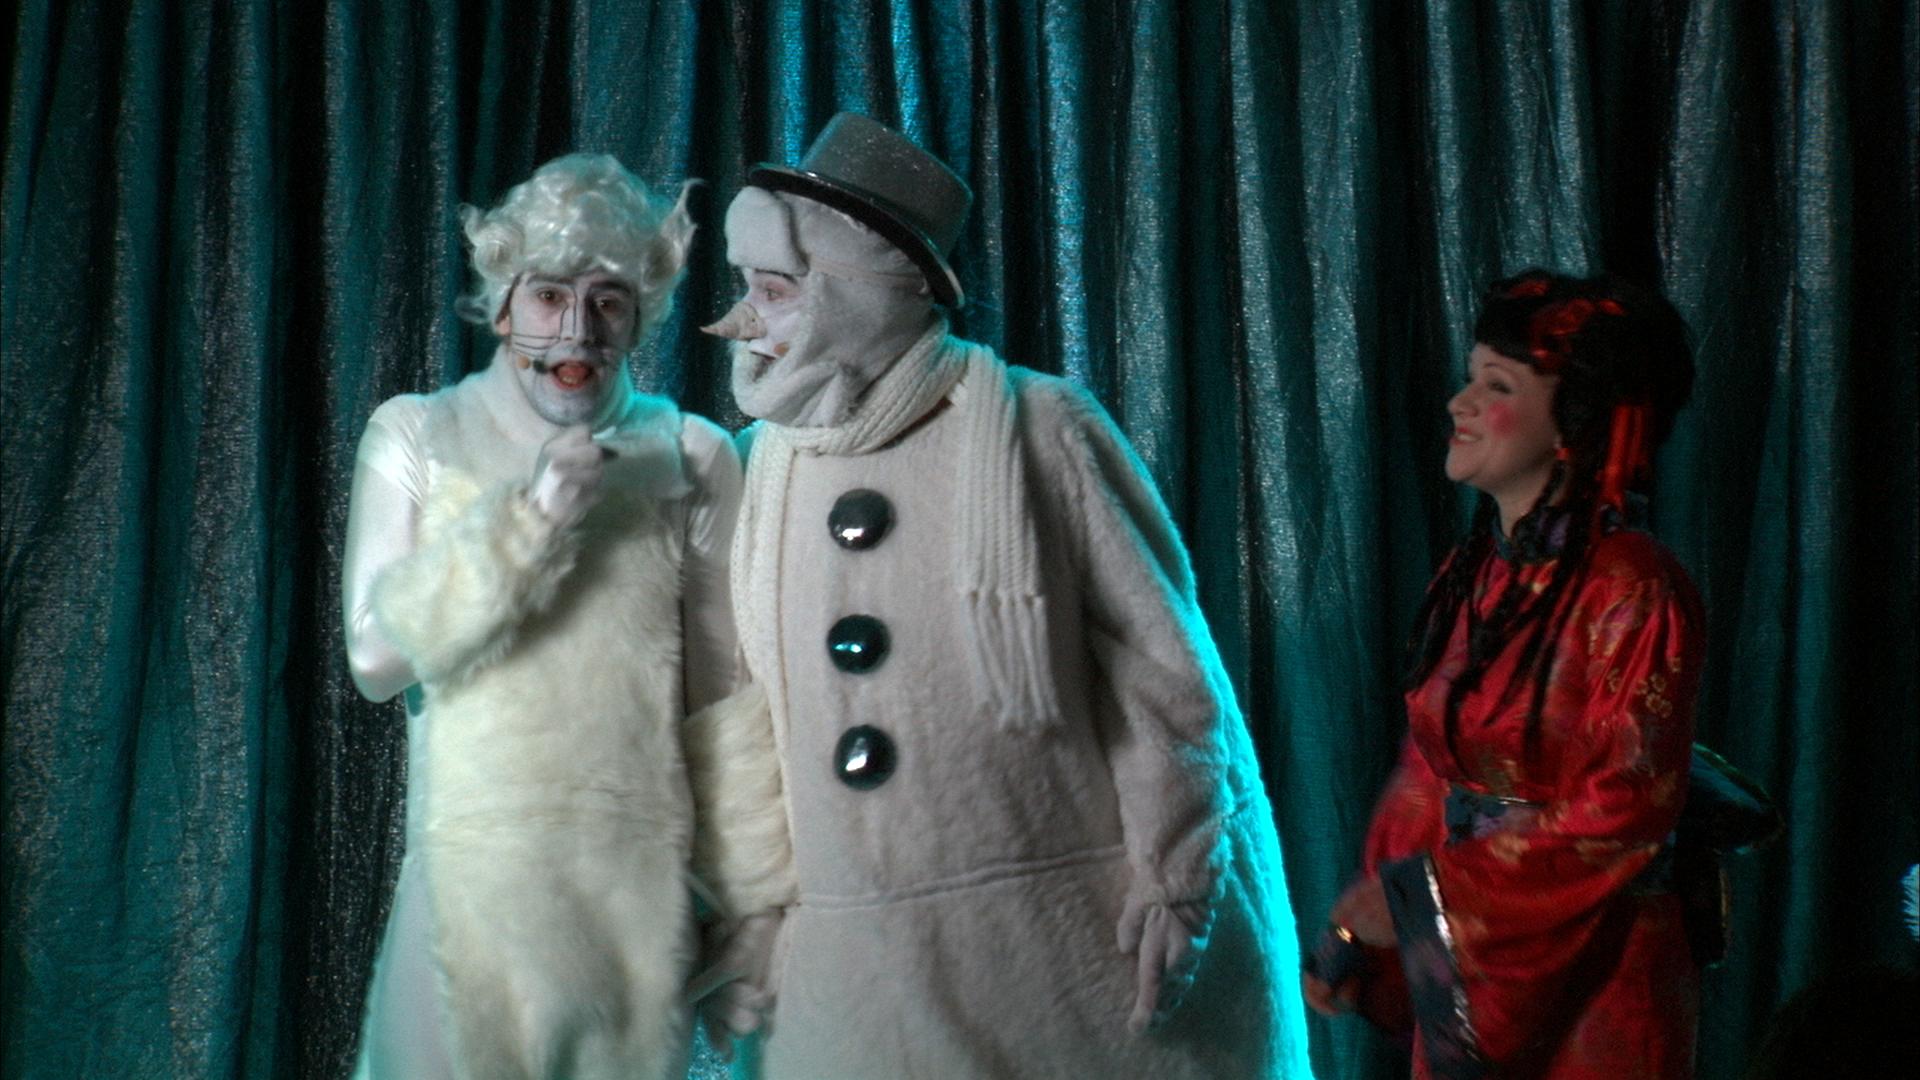 Bühnen-Szene - Eine schöne bunte Weihnachtskugel